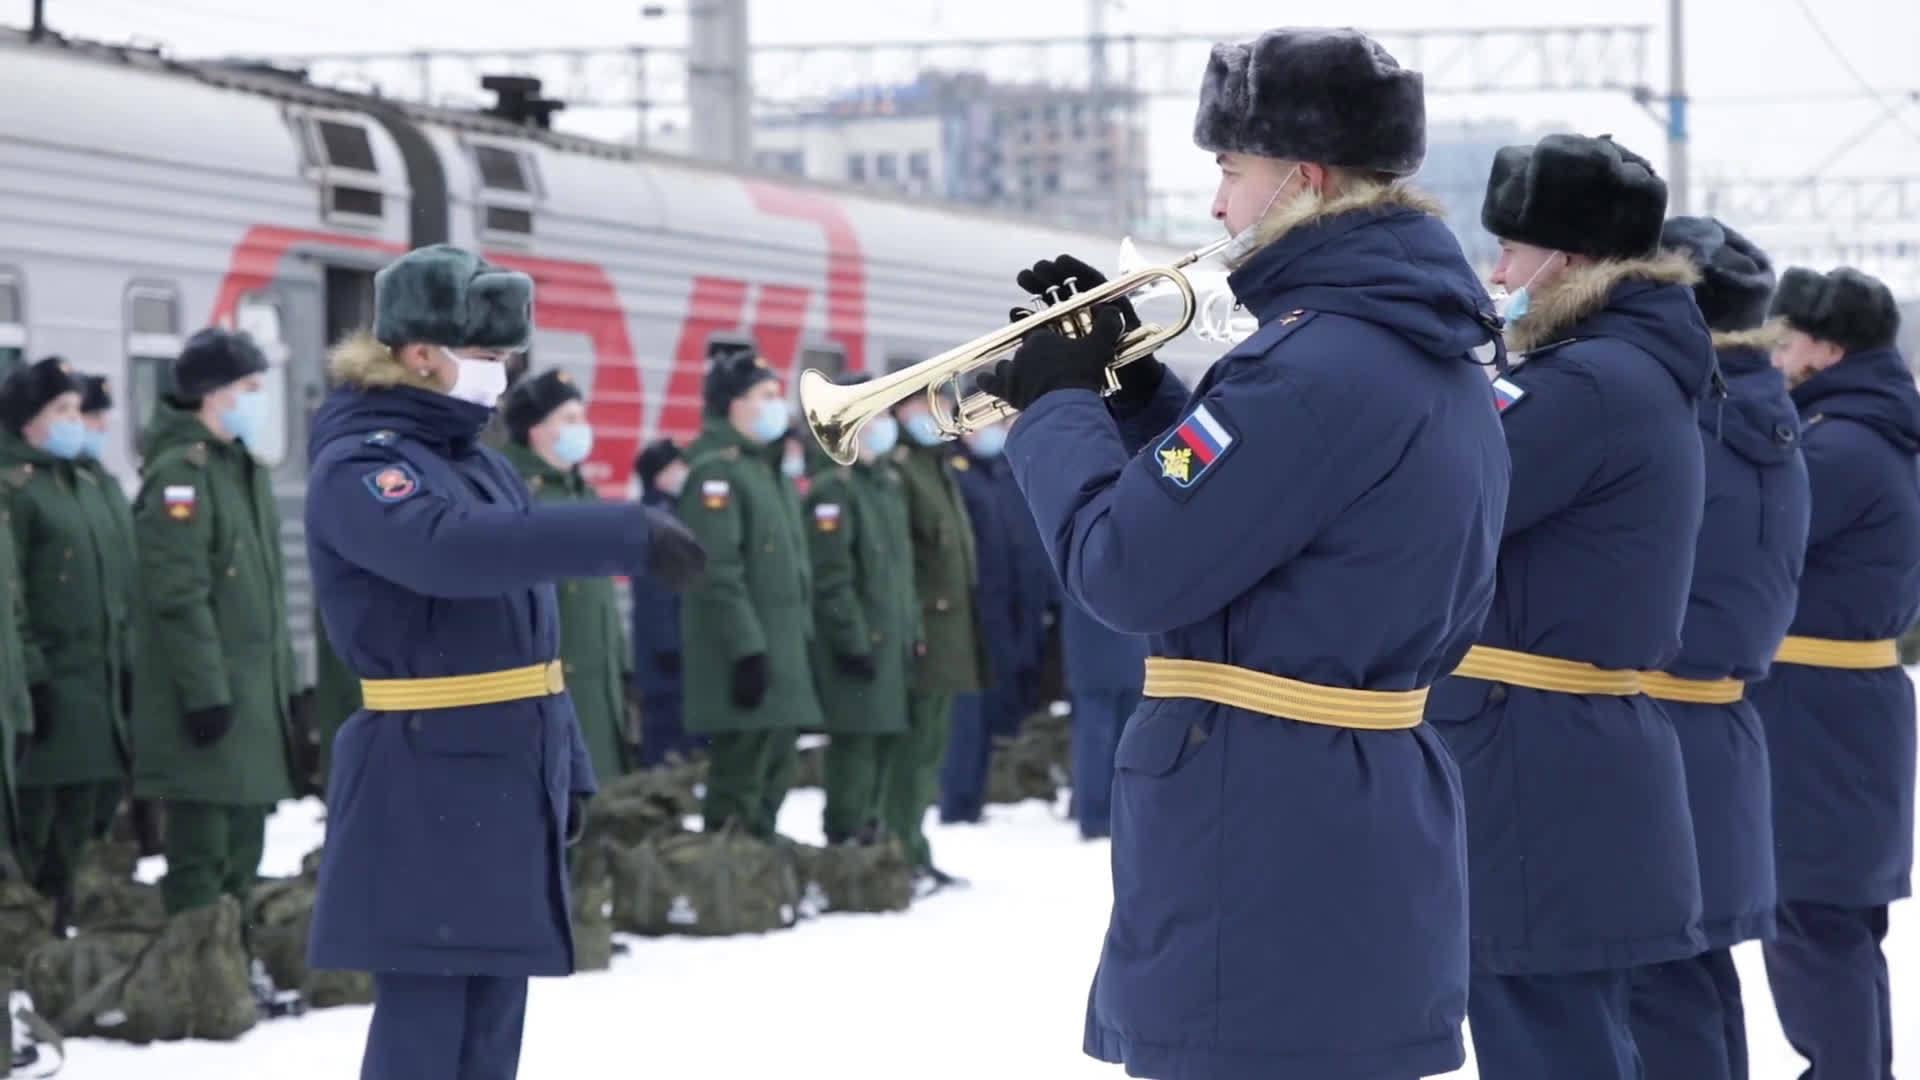 俄军新兵入伍前火车消杀,军乐队为准备奔赴军营的新兵奏乐